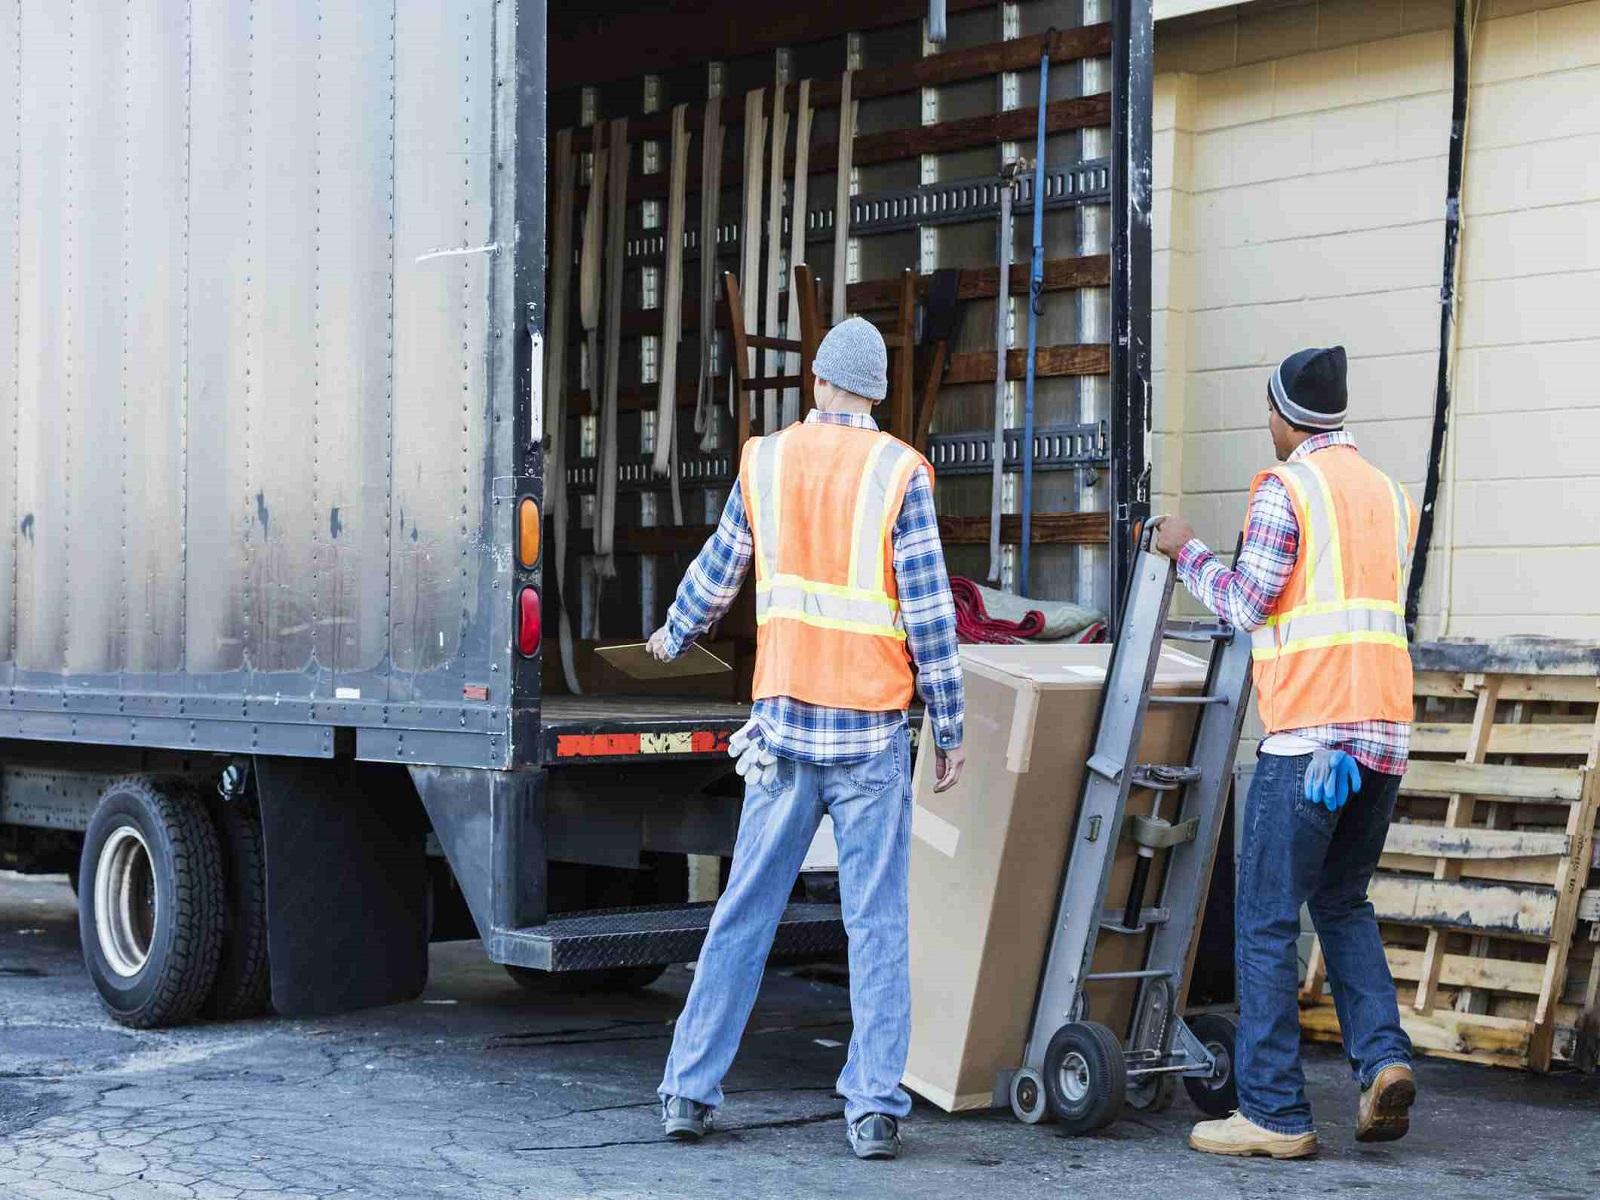 aree di carico e scarico merci